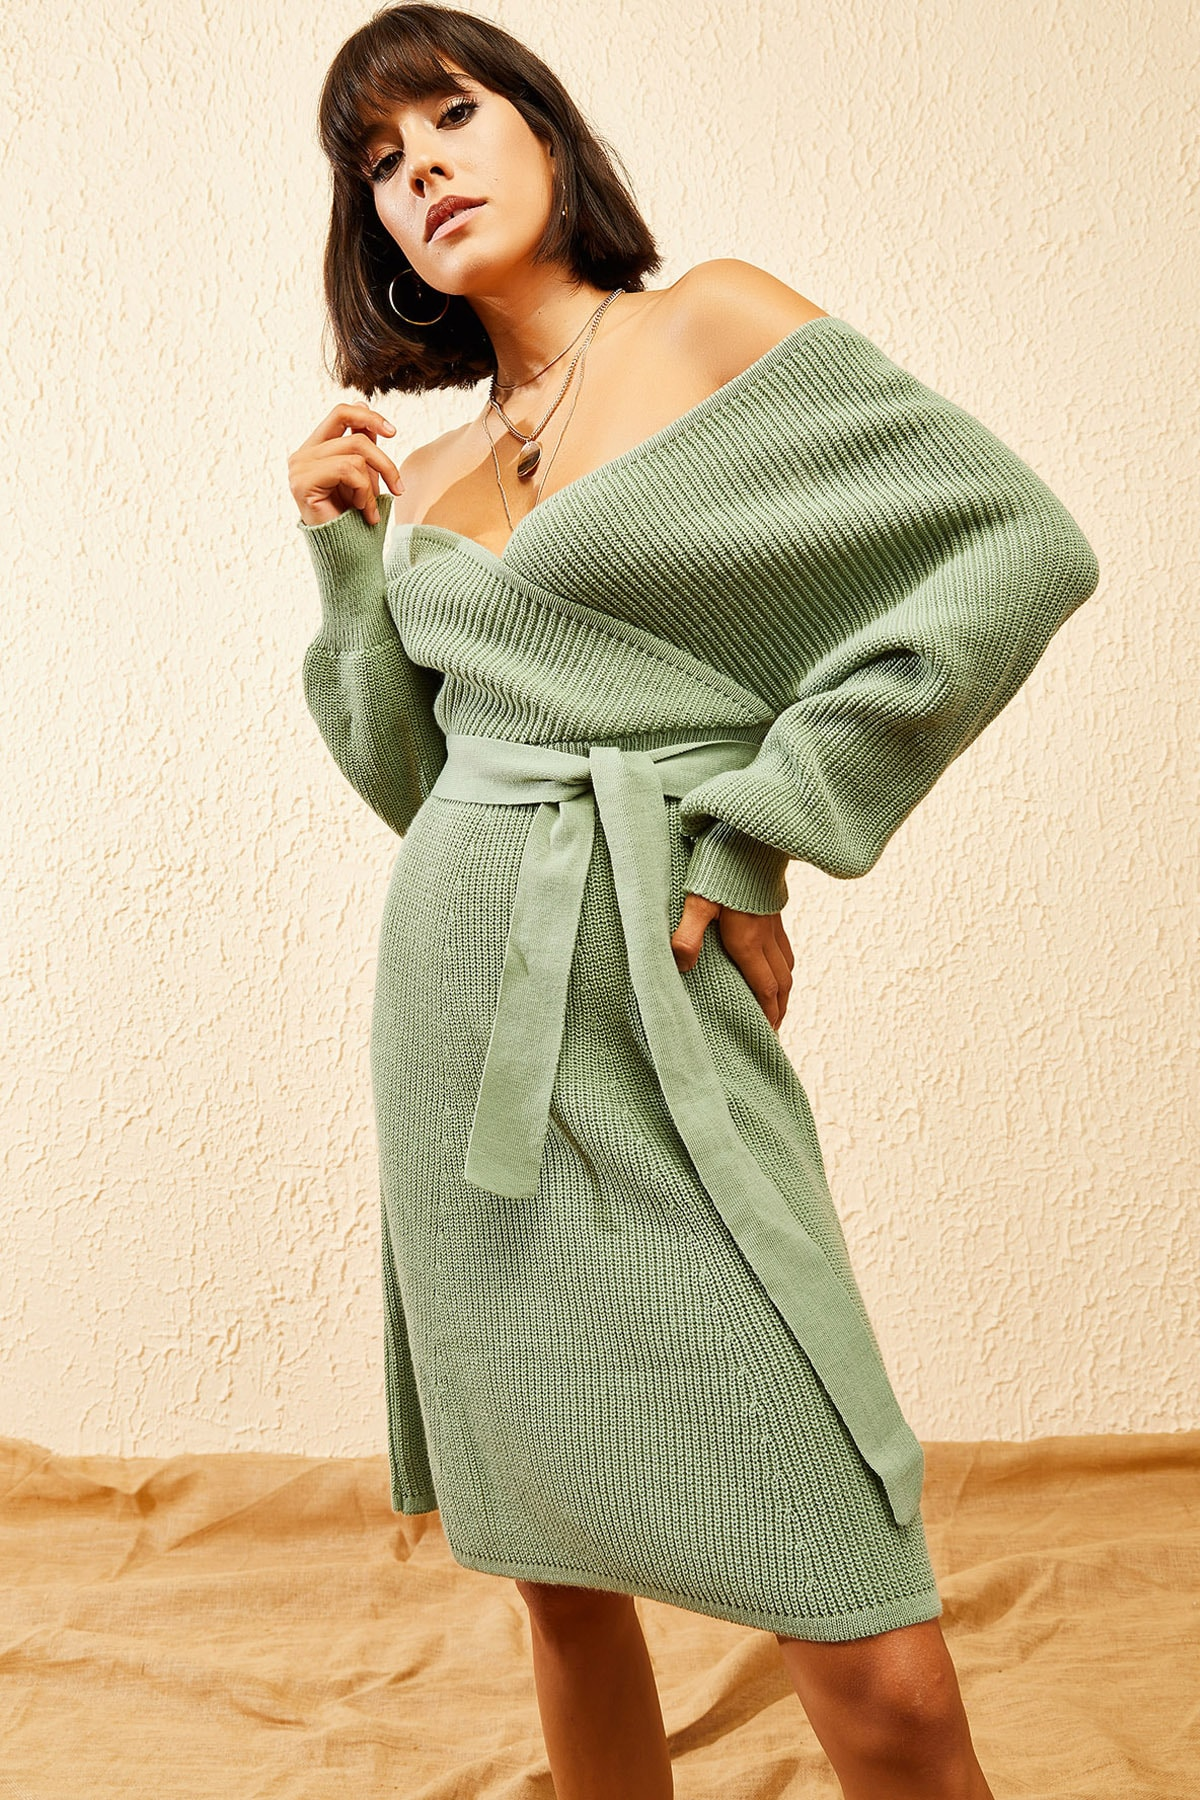 Bianco Lucci Kadın Çağla Yeşili Kruvaze Yaka Selanik Örgü Elbise 10121080